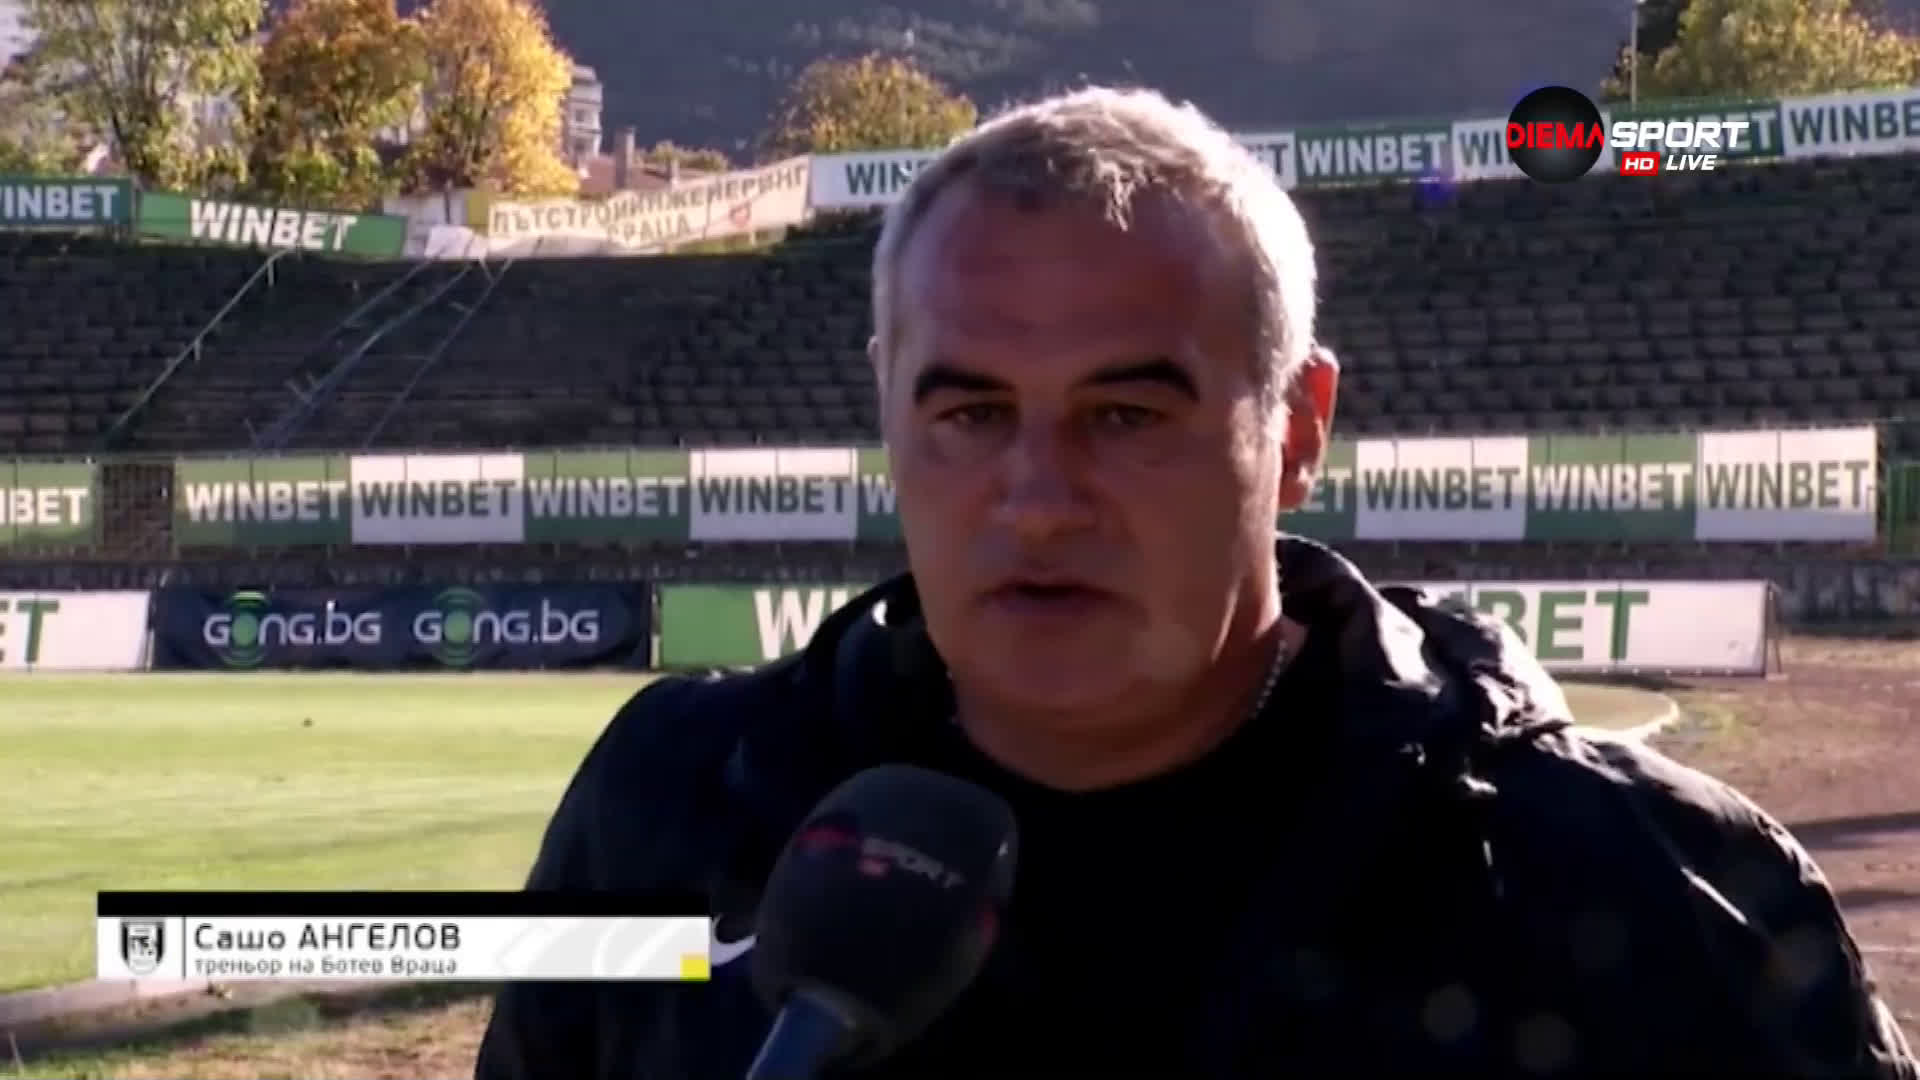 Хикс с Витоша Бистрица провокира оставка във Враца